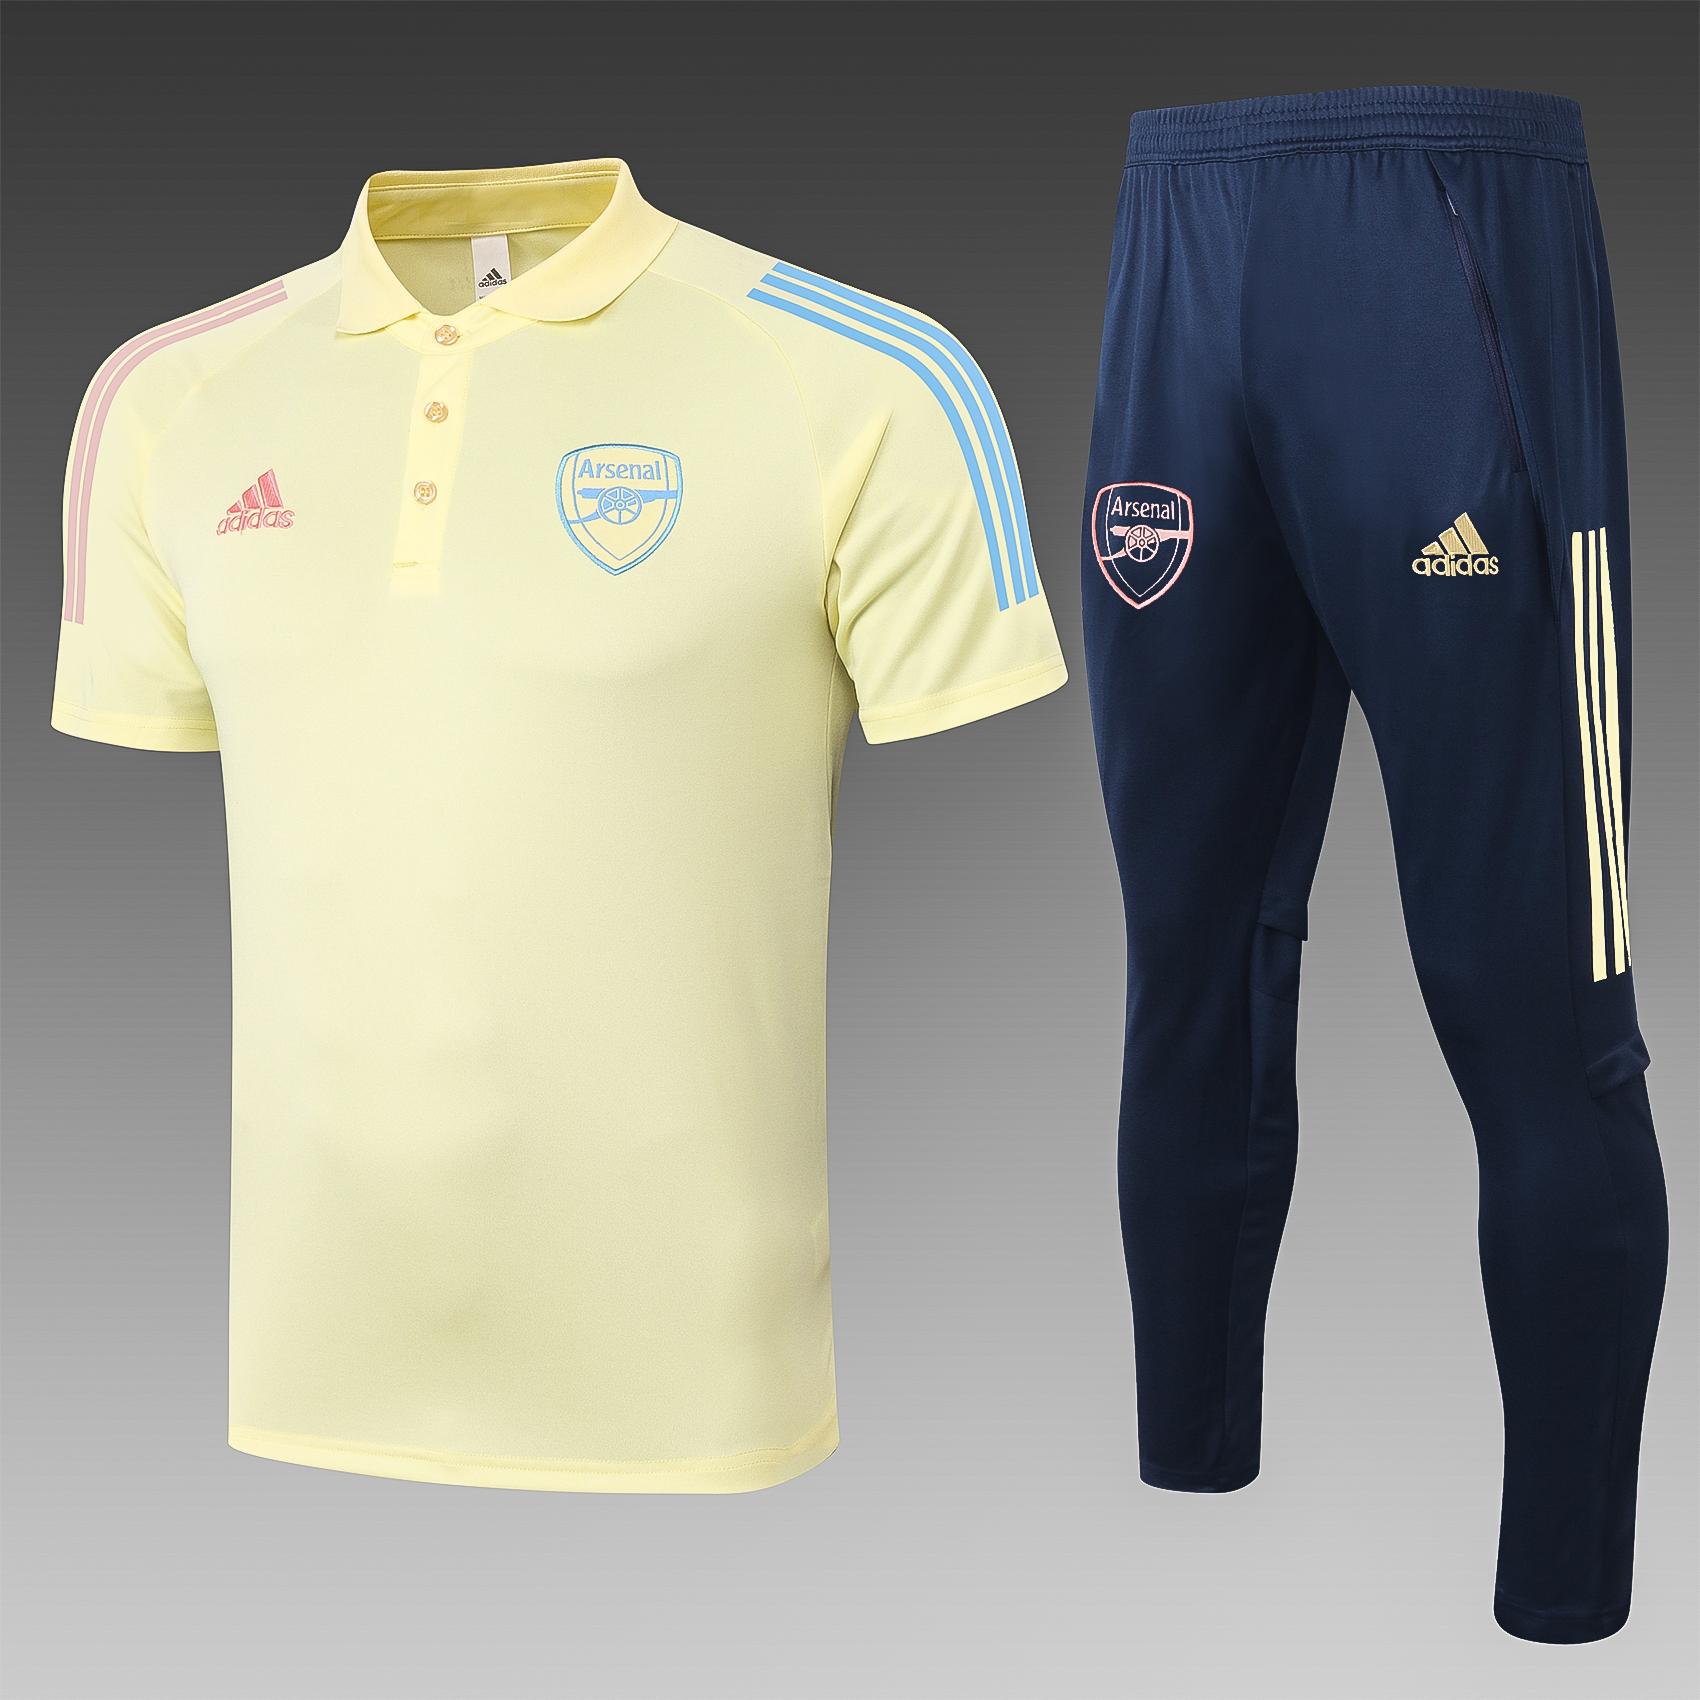 Ensemble polo Arsenal saison 2020-2021